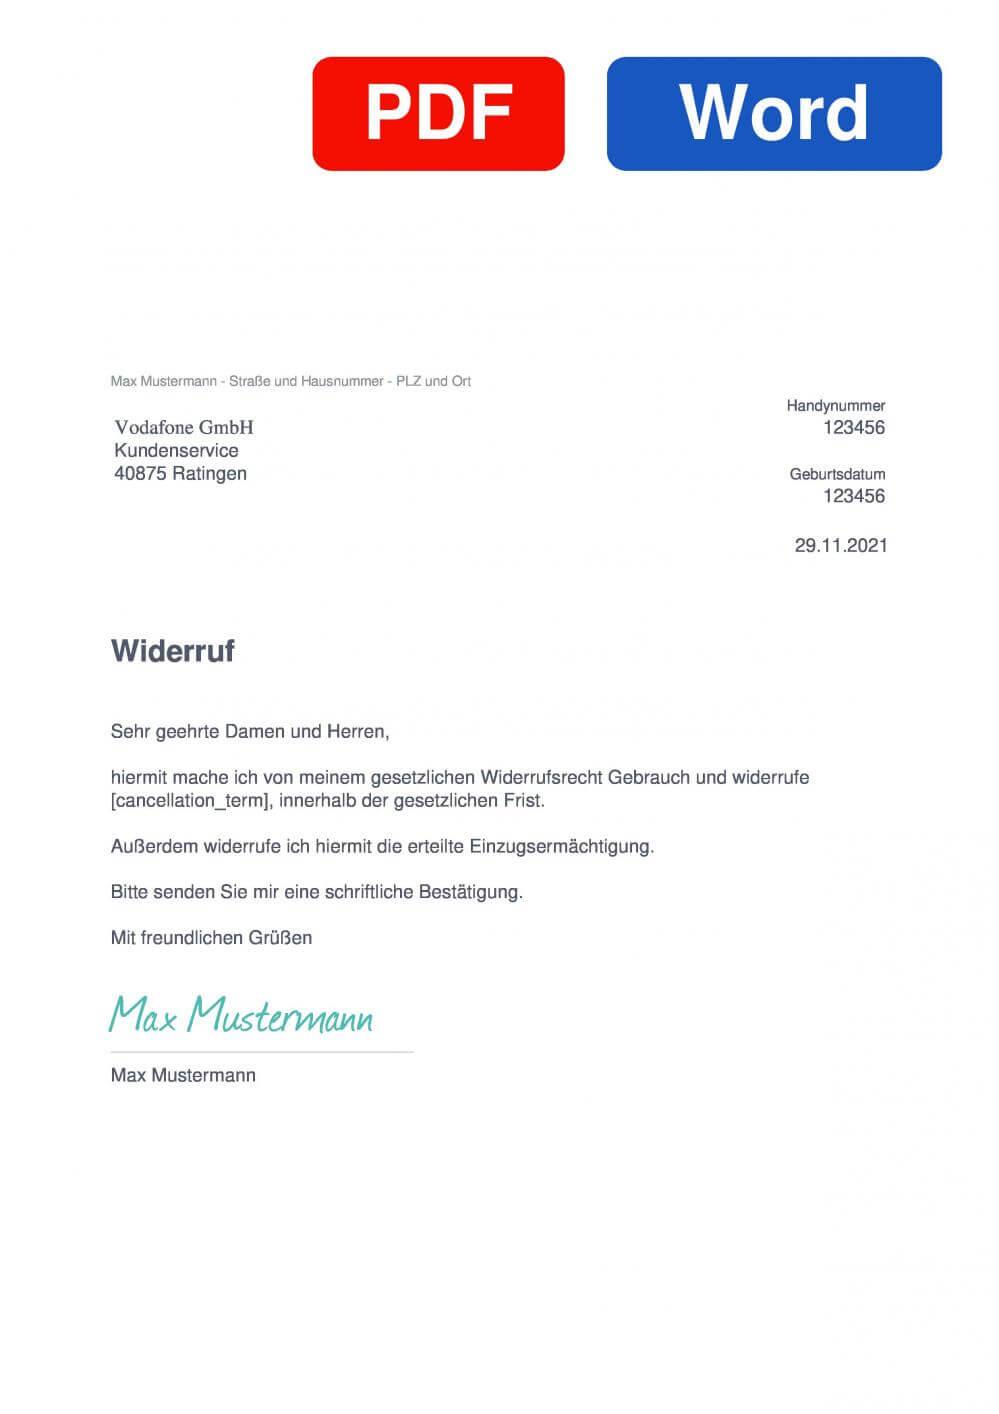 Vodafone Handyvertrag Muster Vorlage für Wiederrufsschreiben